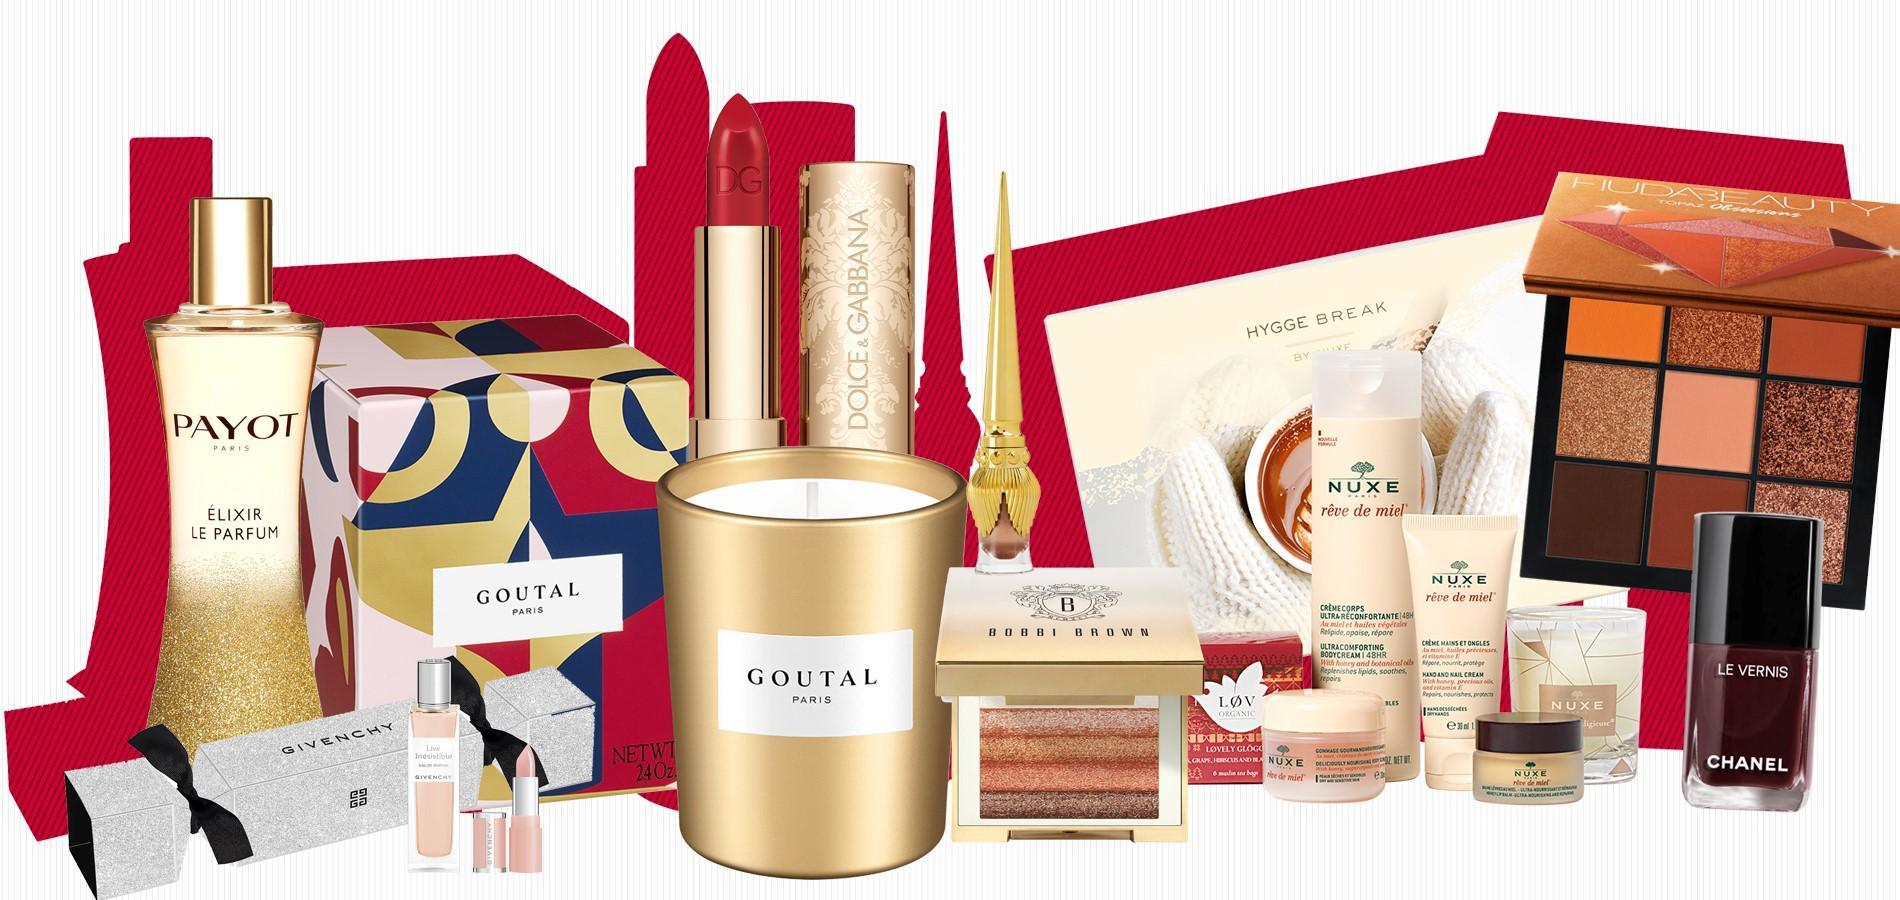 Noël 2018   45 idées cadeaux beauté à moins de 45 euros - Madame Figaro 1572e5bd5f32